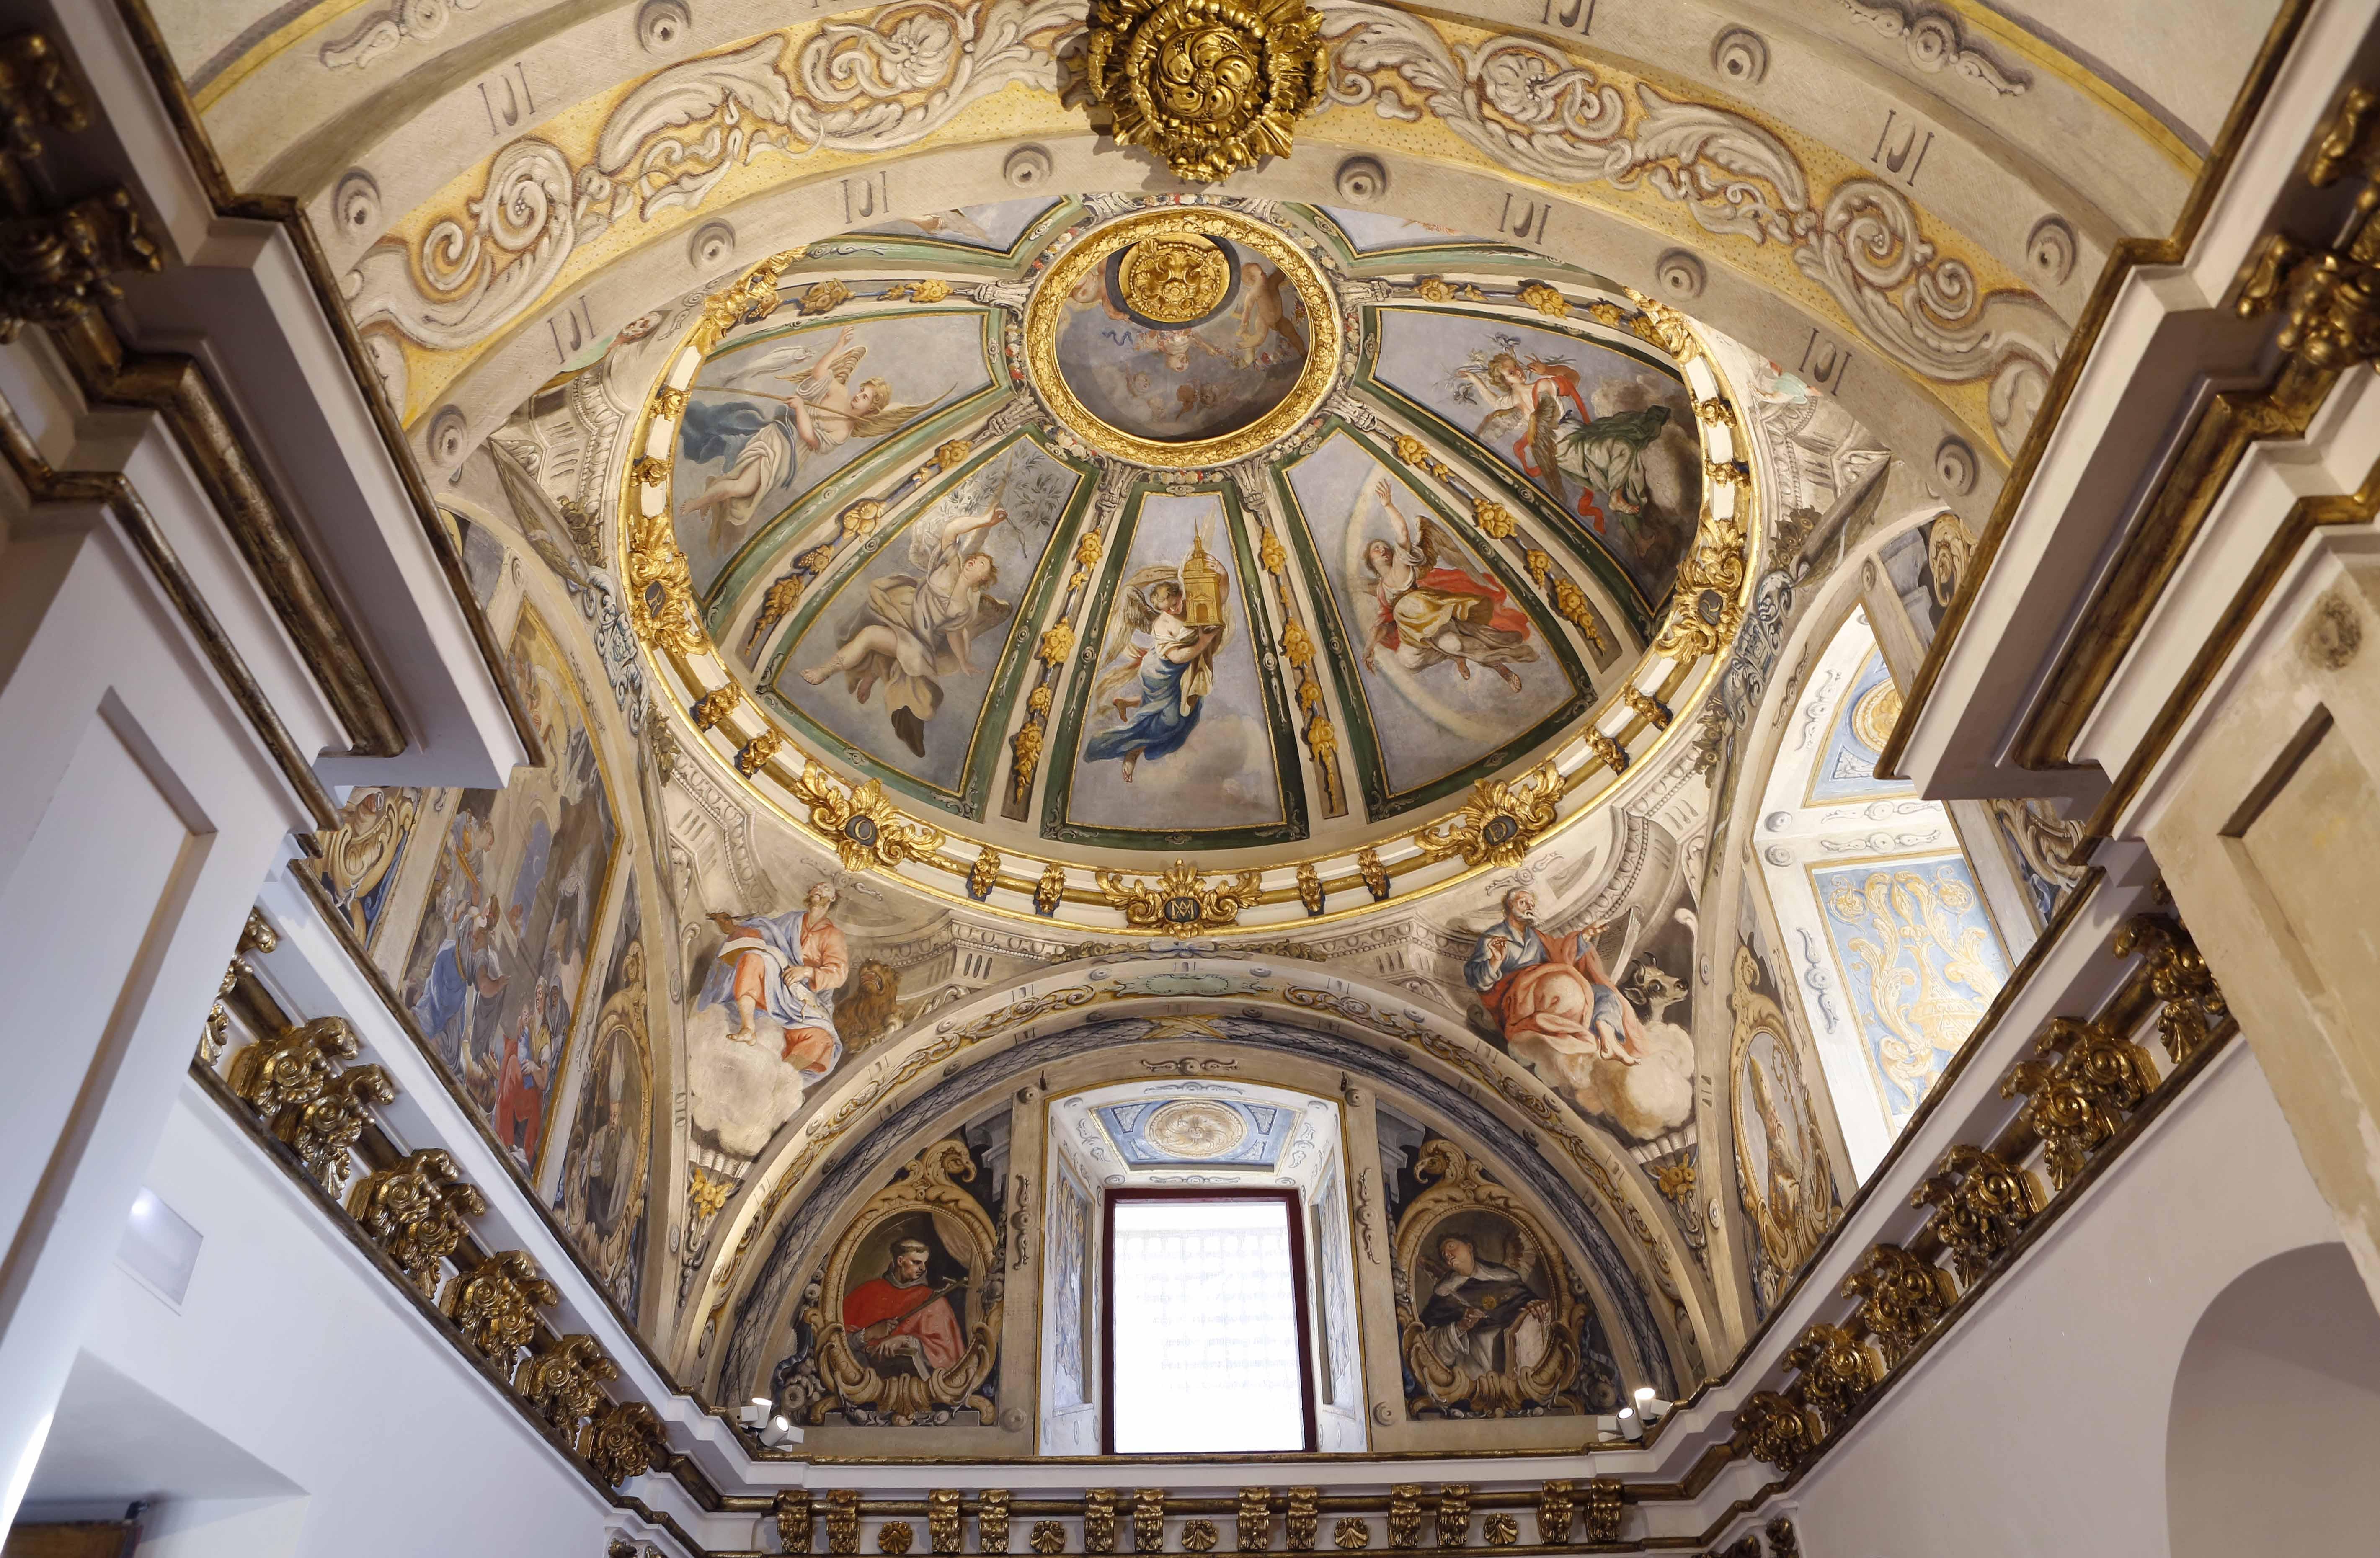 Pinturas murales del camarín barroco de la iglesia de San Pedro Ad Víncula de Villa de Vallecas (Madrid).